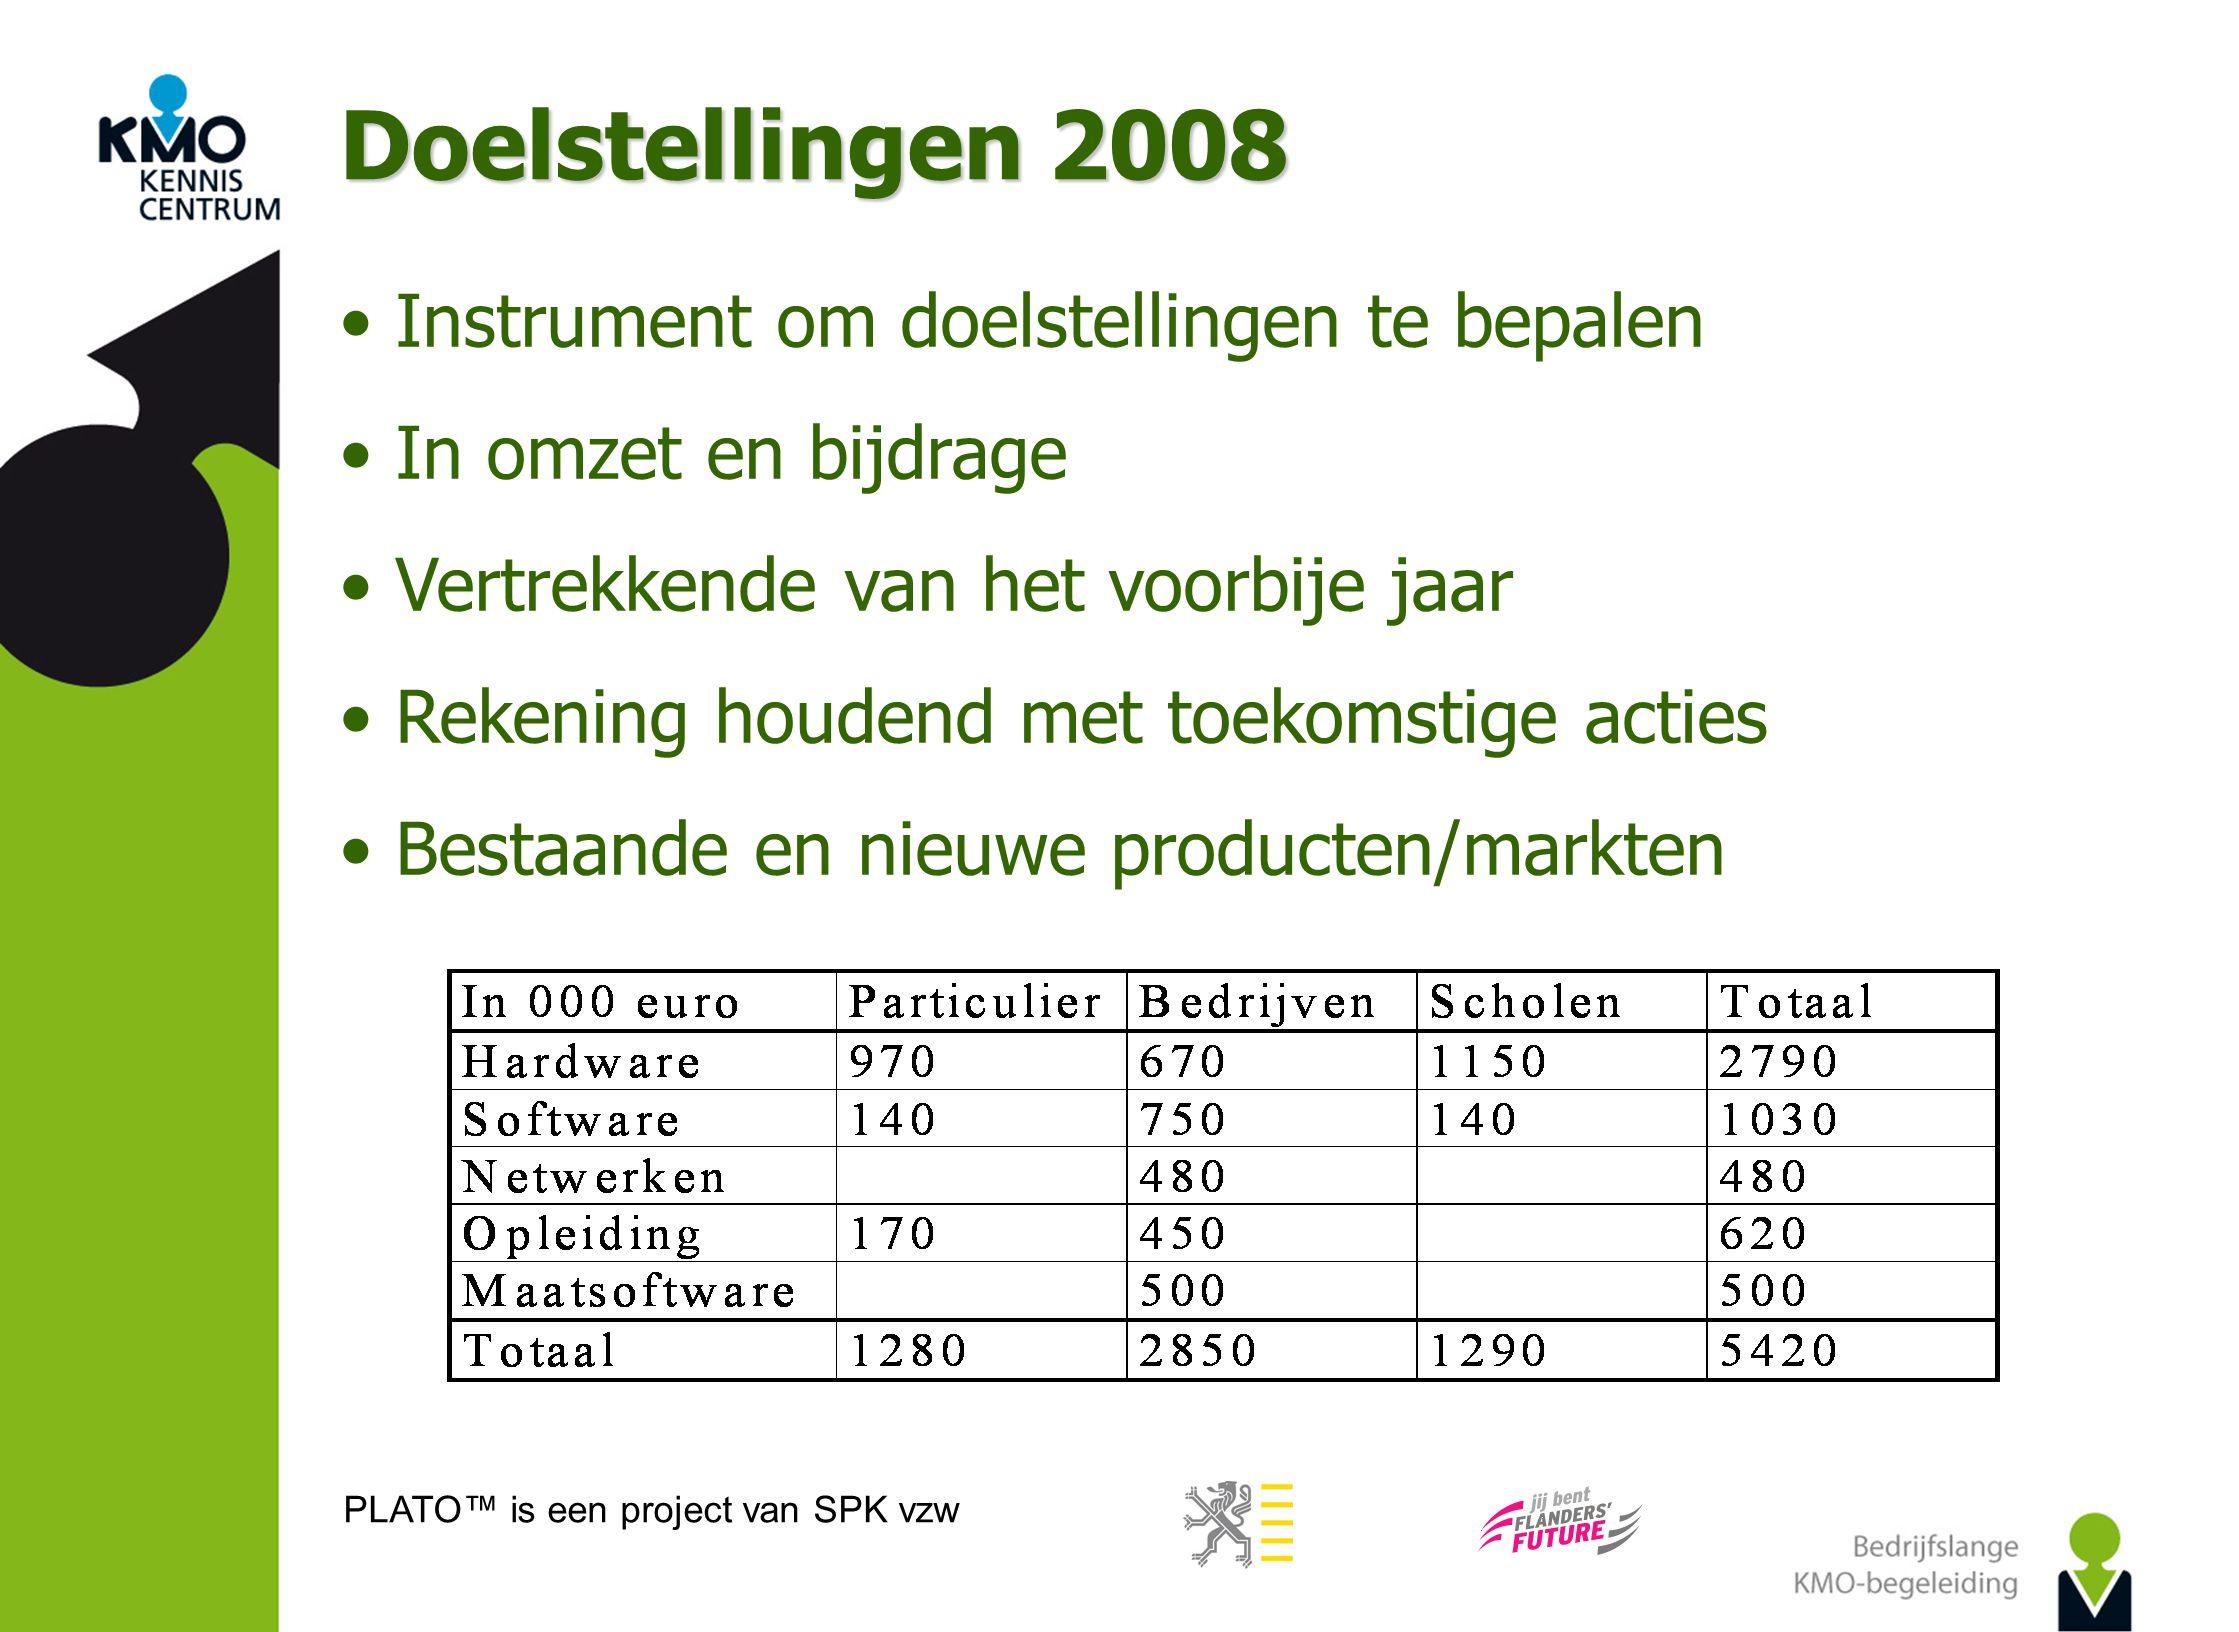 PLATO™ is een project van SPK vzw Doelstellingen 2008 Instrument om doelstellingen te bepalen In omzet en bijdrage Vertrekkende van het voorbije jaar